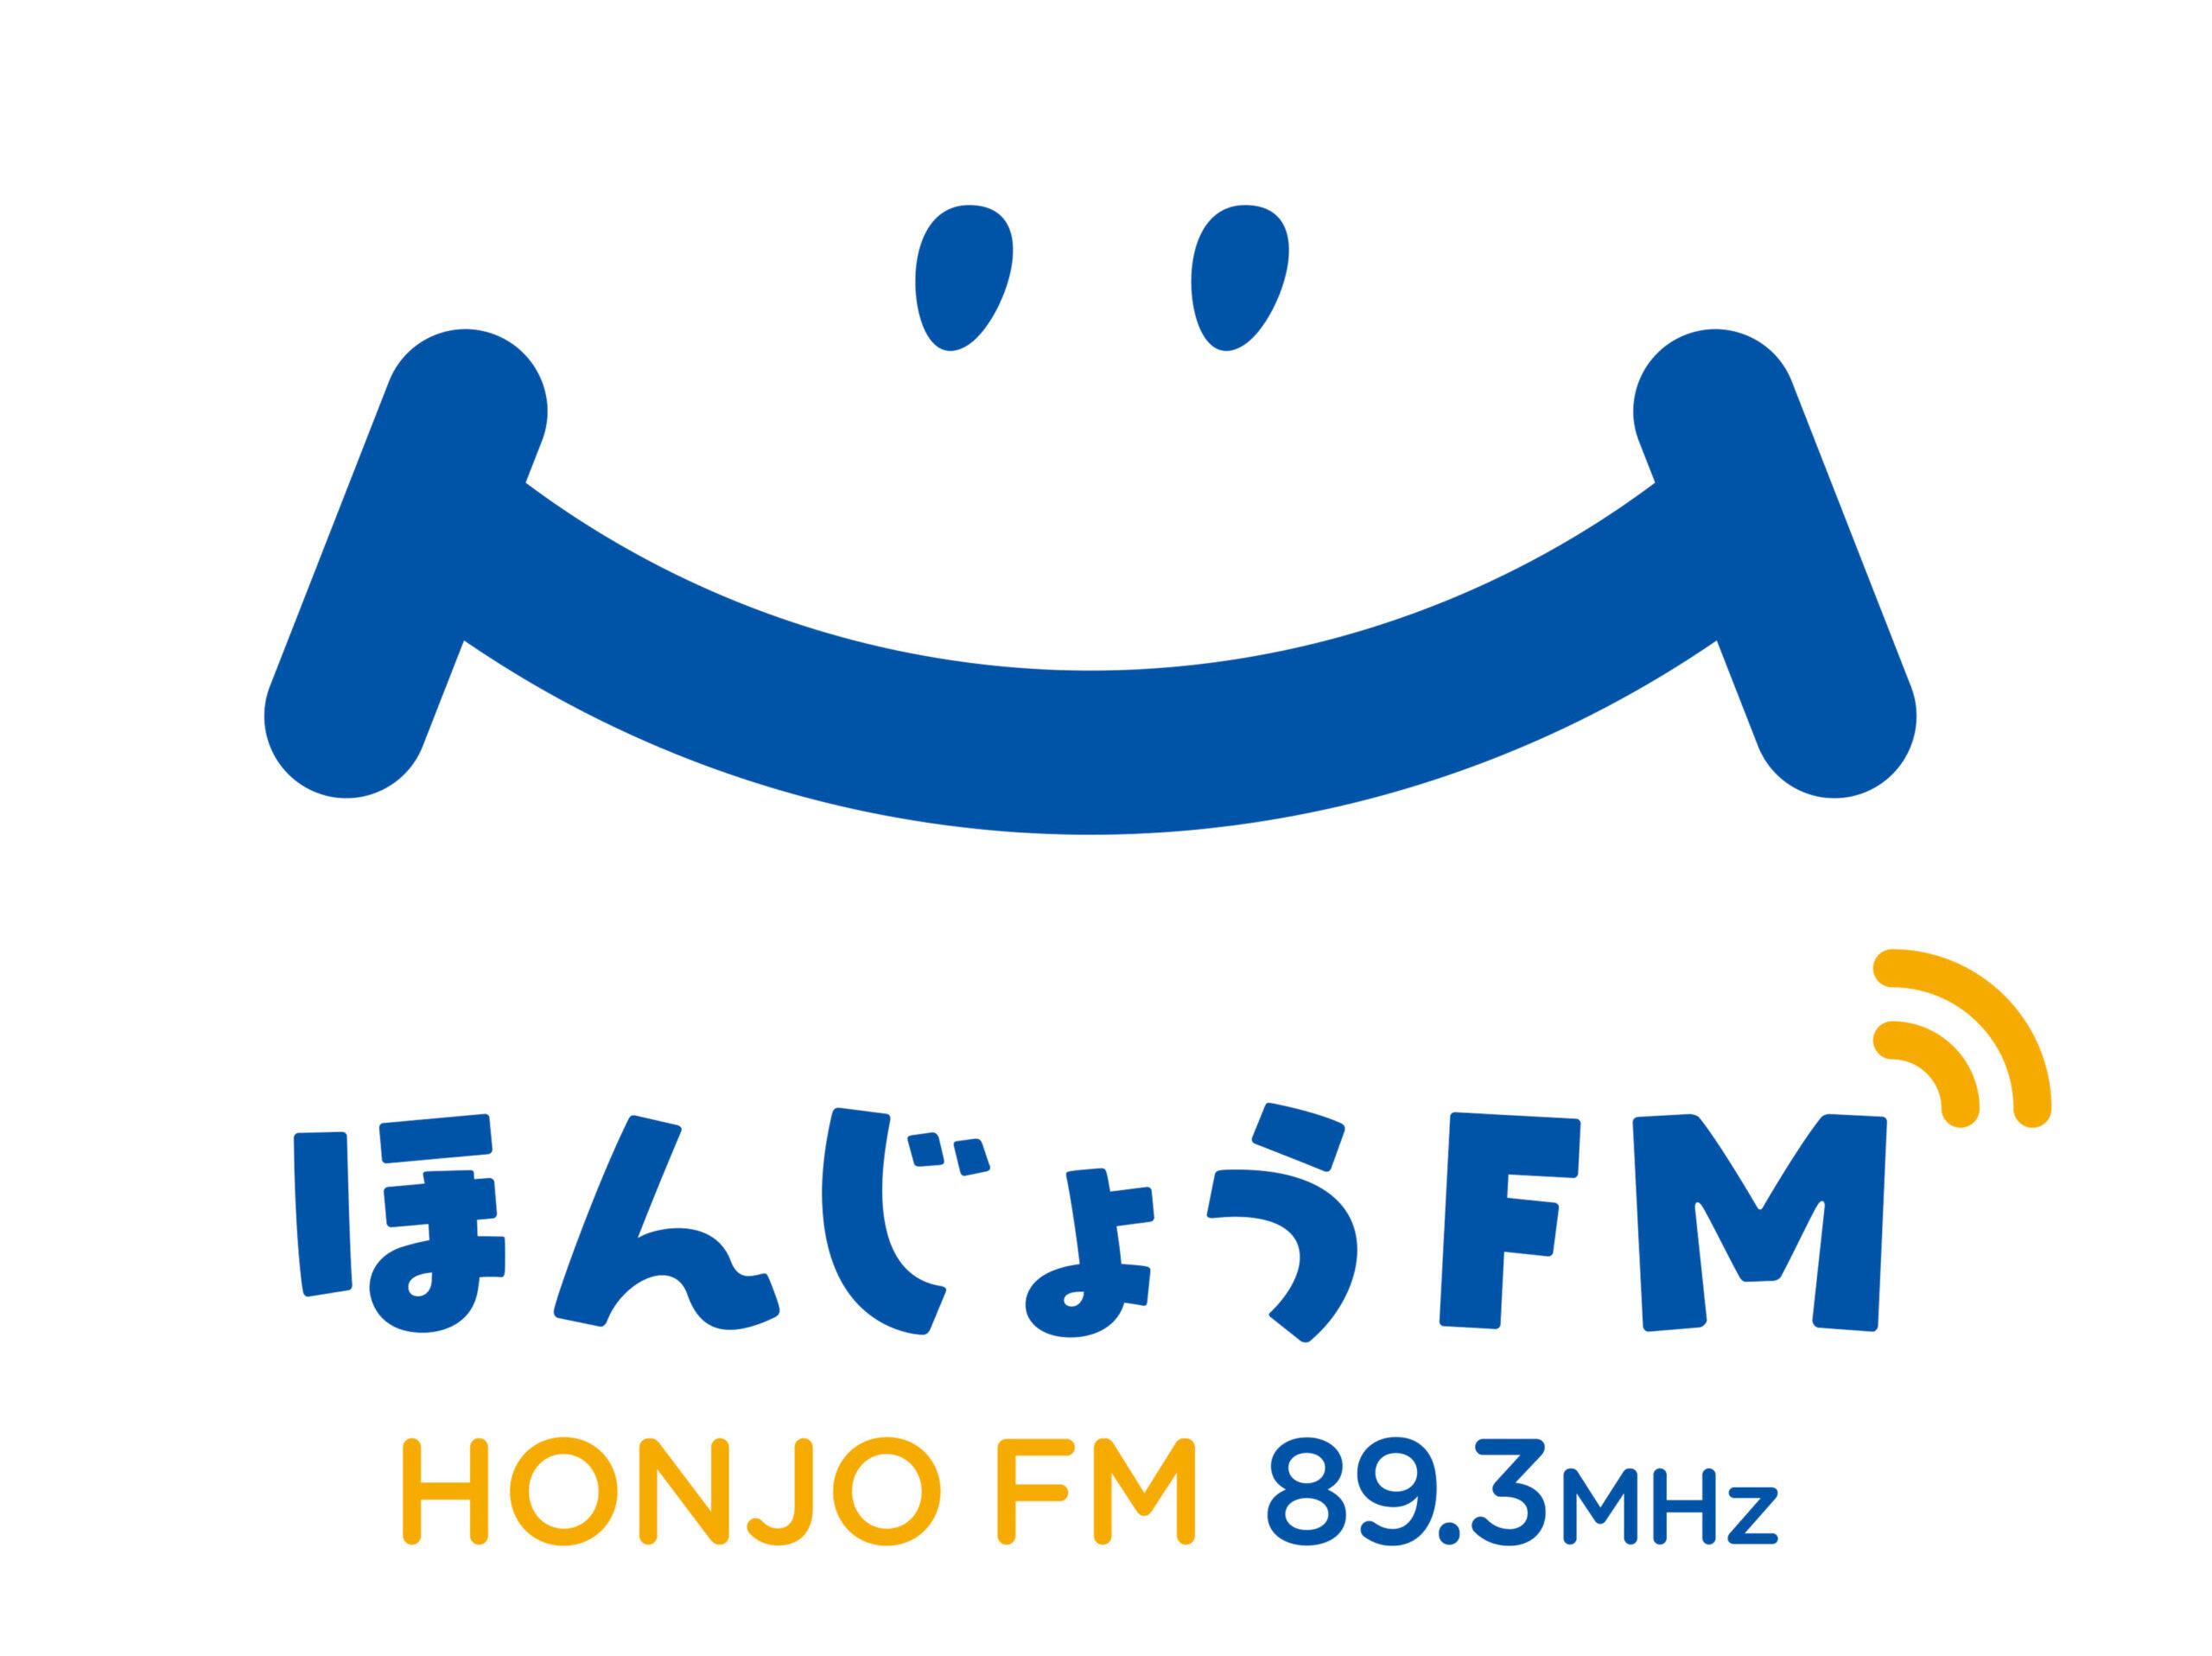 HonjoFM